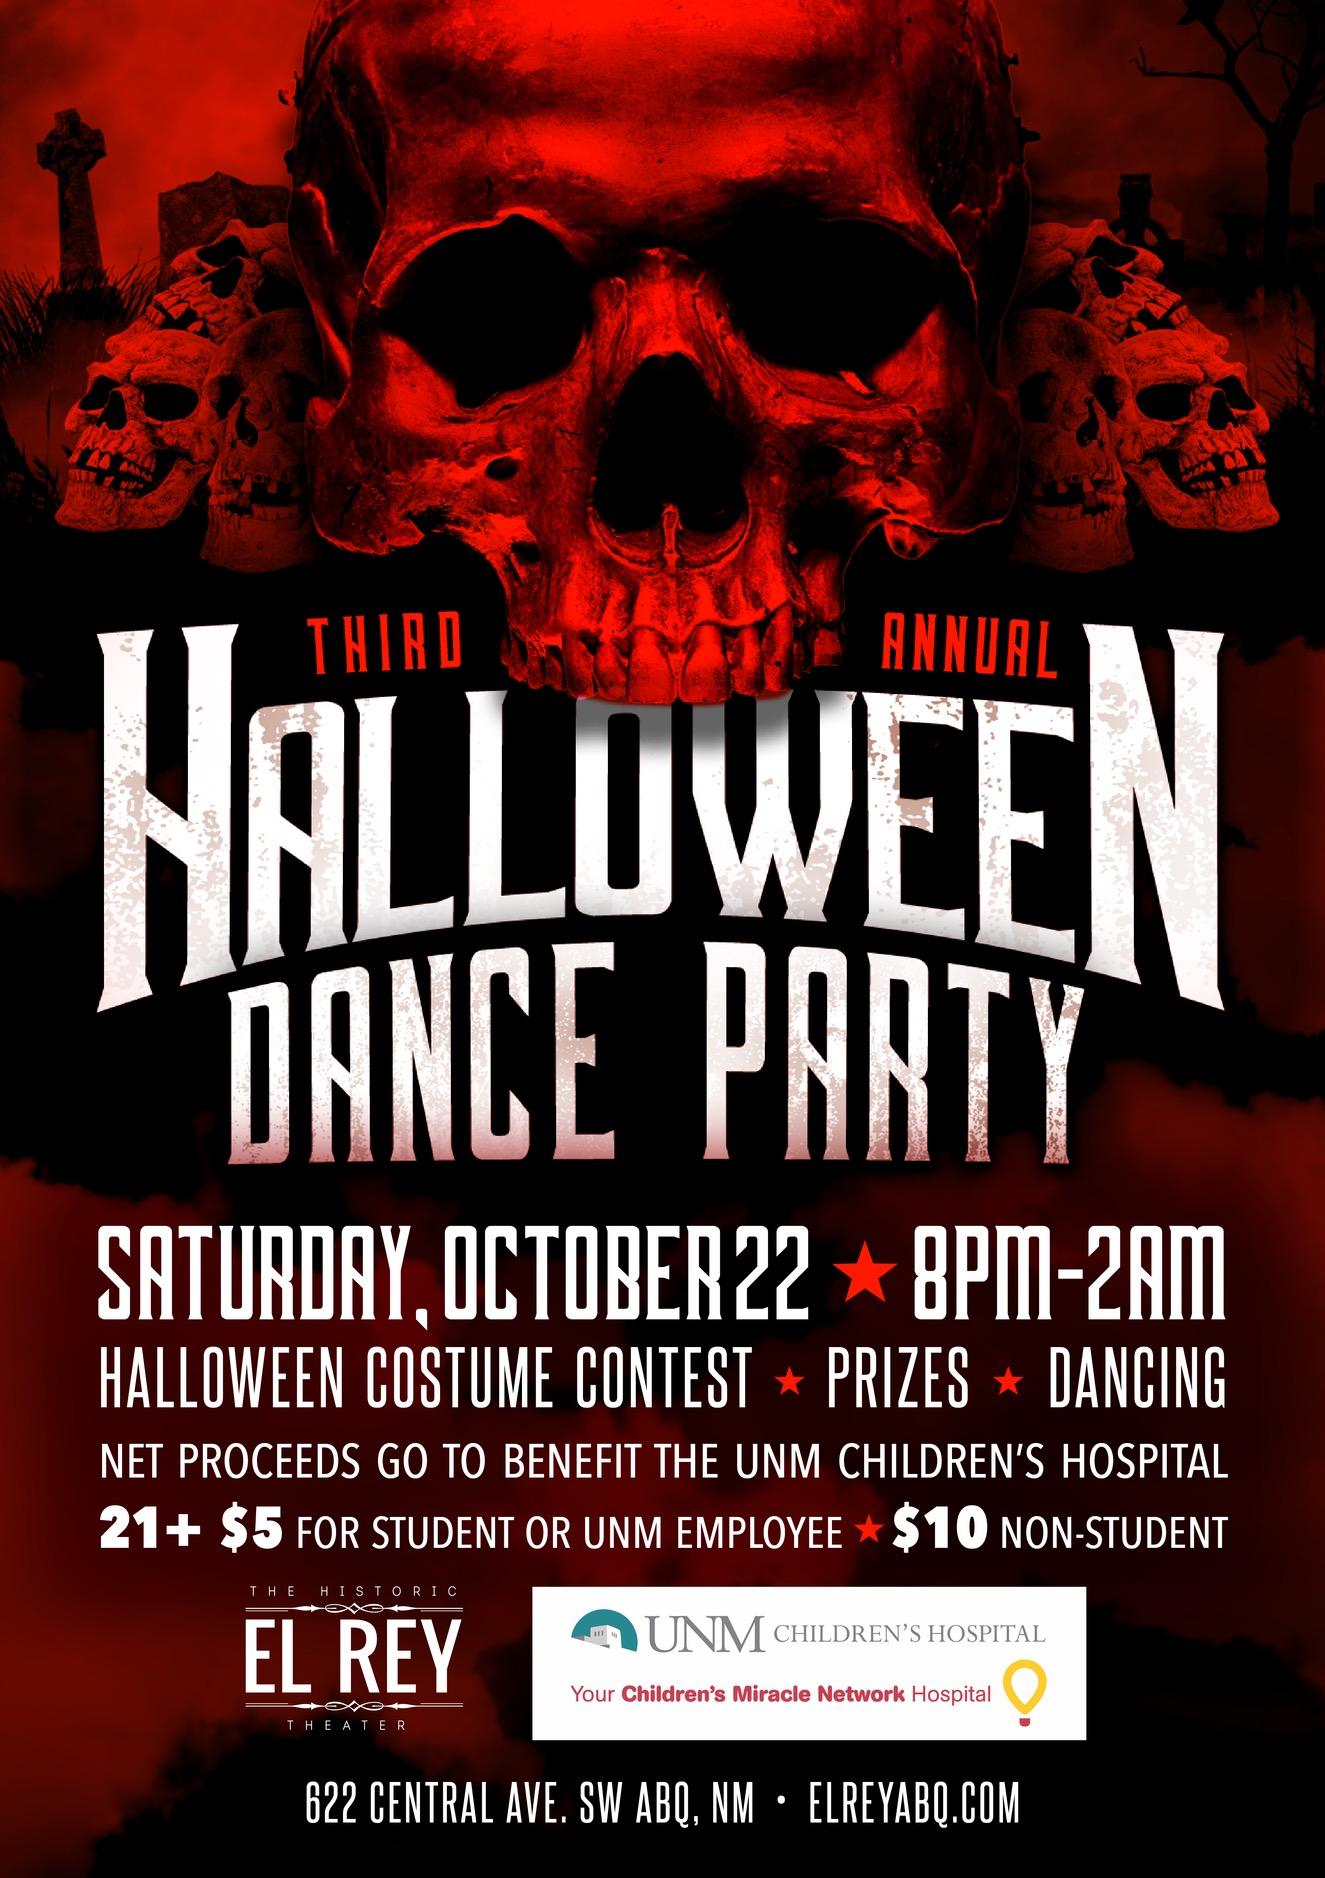 halloween dance party oct 22 2016png - Dancing Halloween